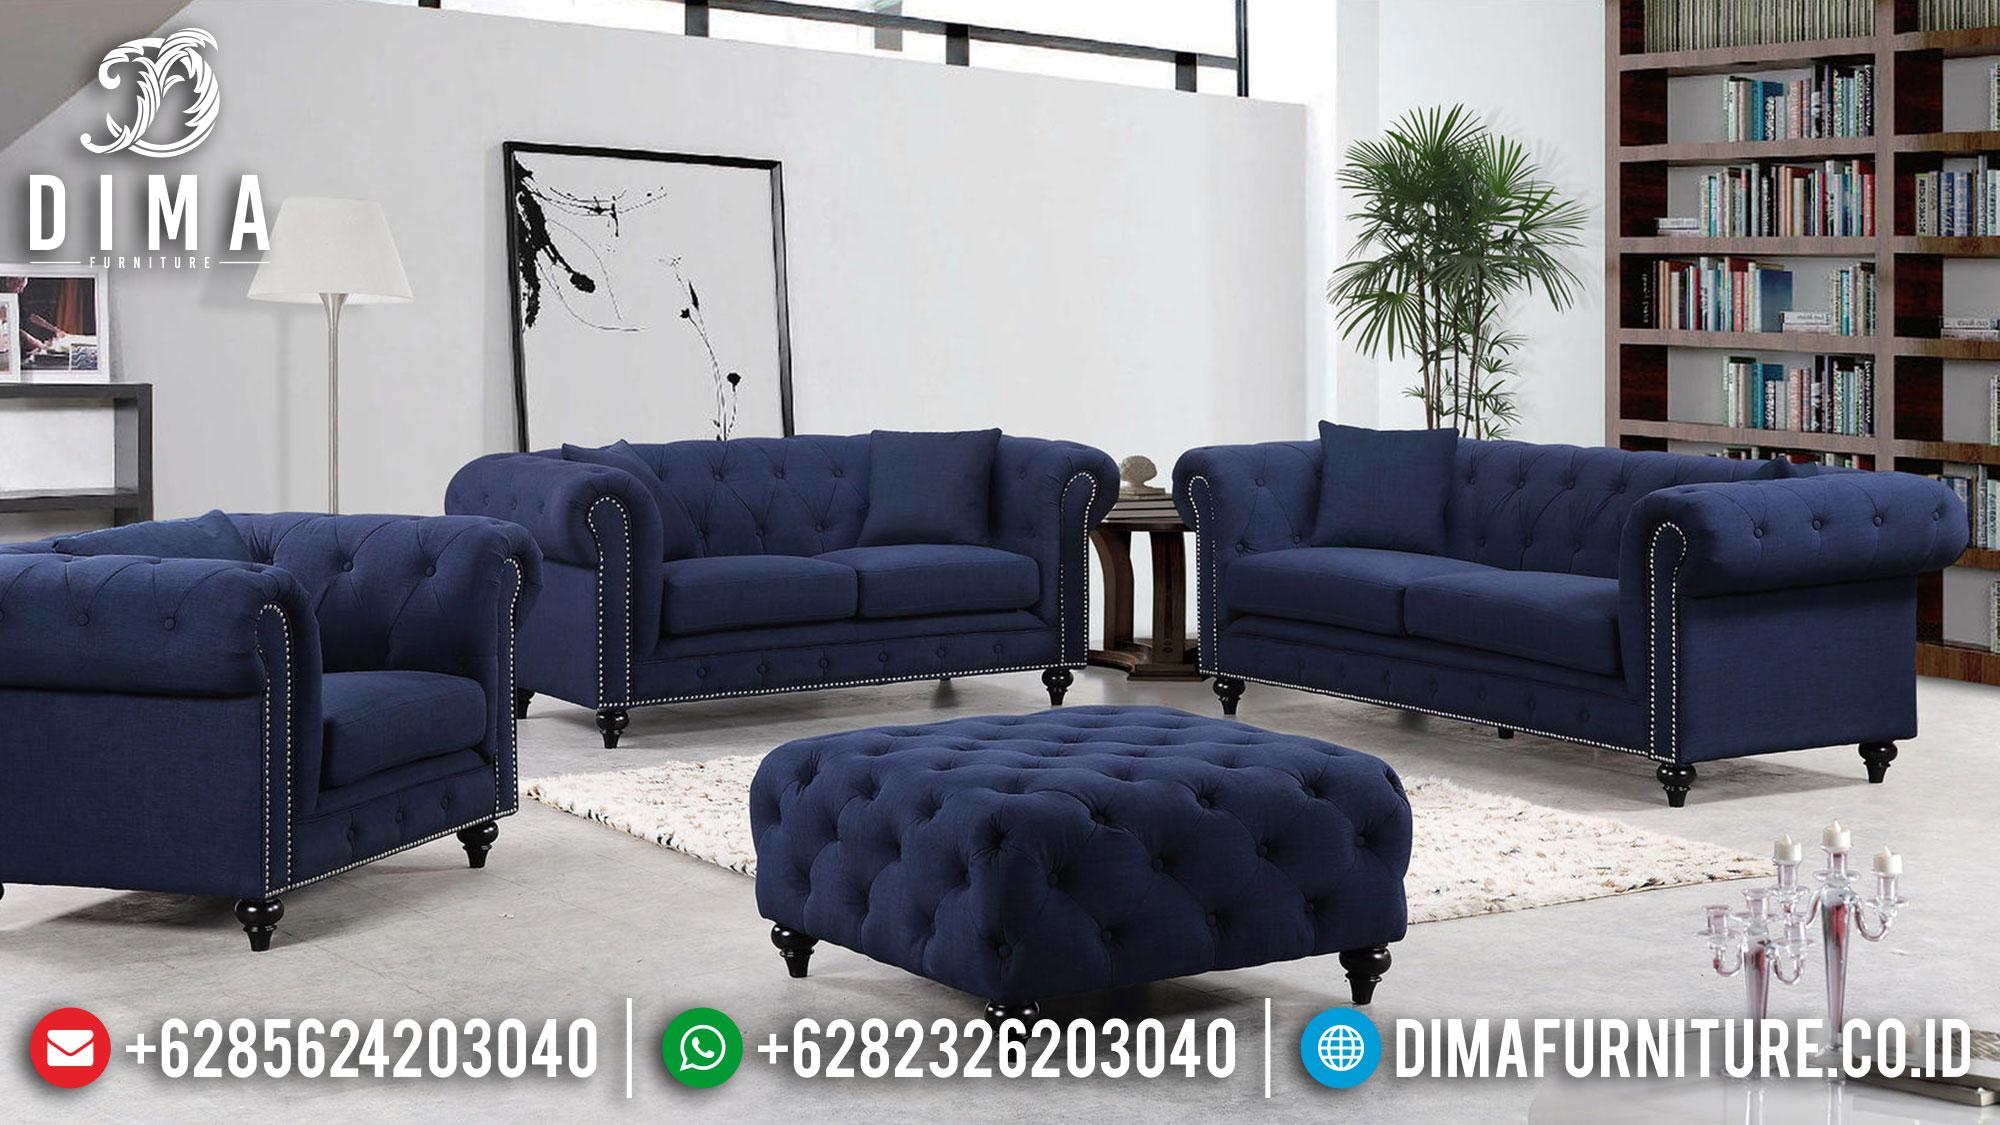 Harga Sofa Tamu Minimalis Terbaru Best Sale Mebel Jepara Kekinian Ttj-1476